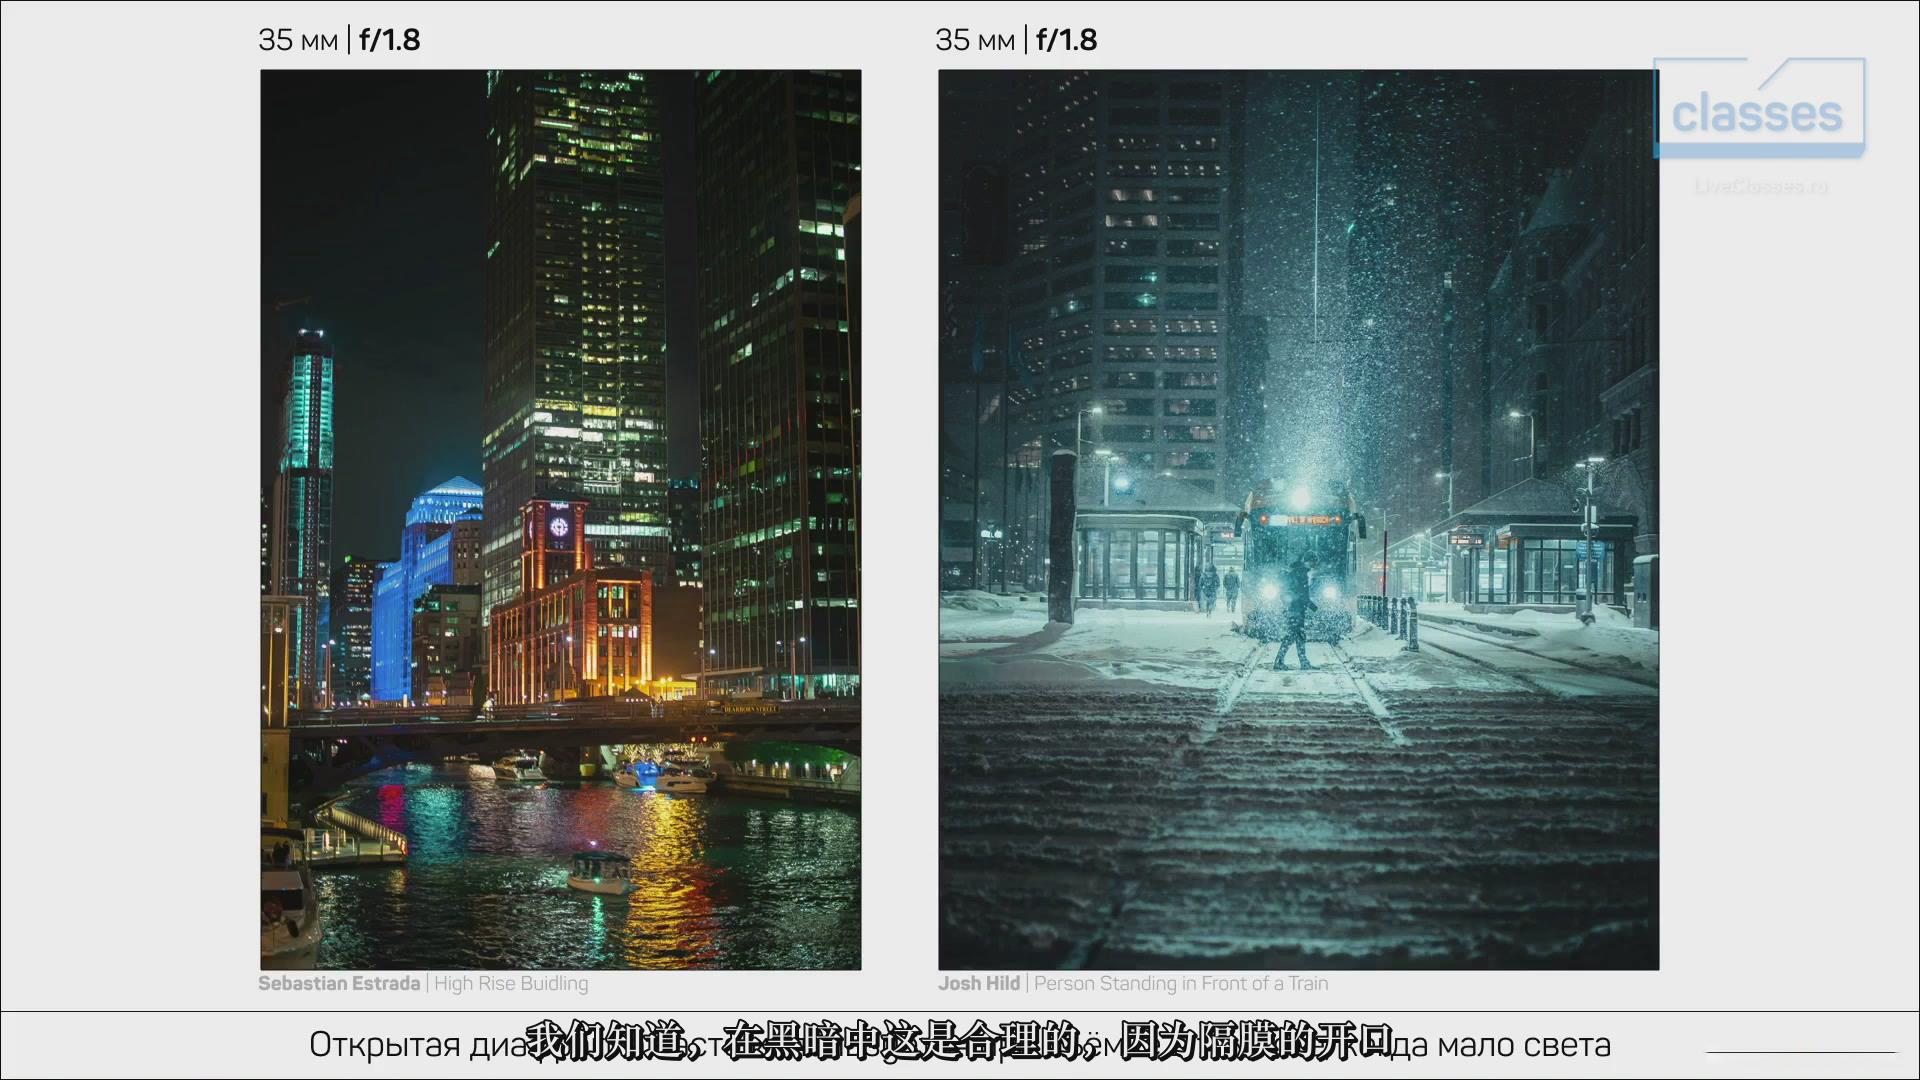 摄影教程_Anton Martynov-学习分析别人照片从而了解学习别人的摄影技术-中文字幕 摄影教程 _预览图8